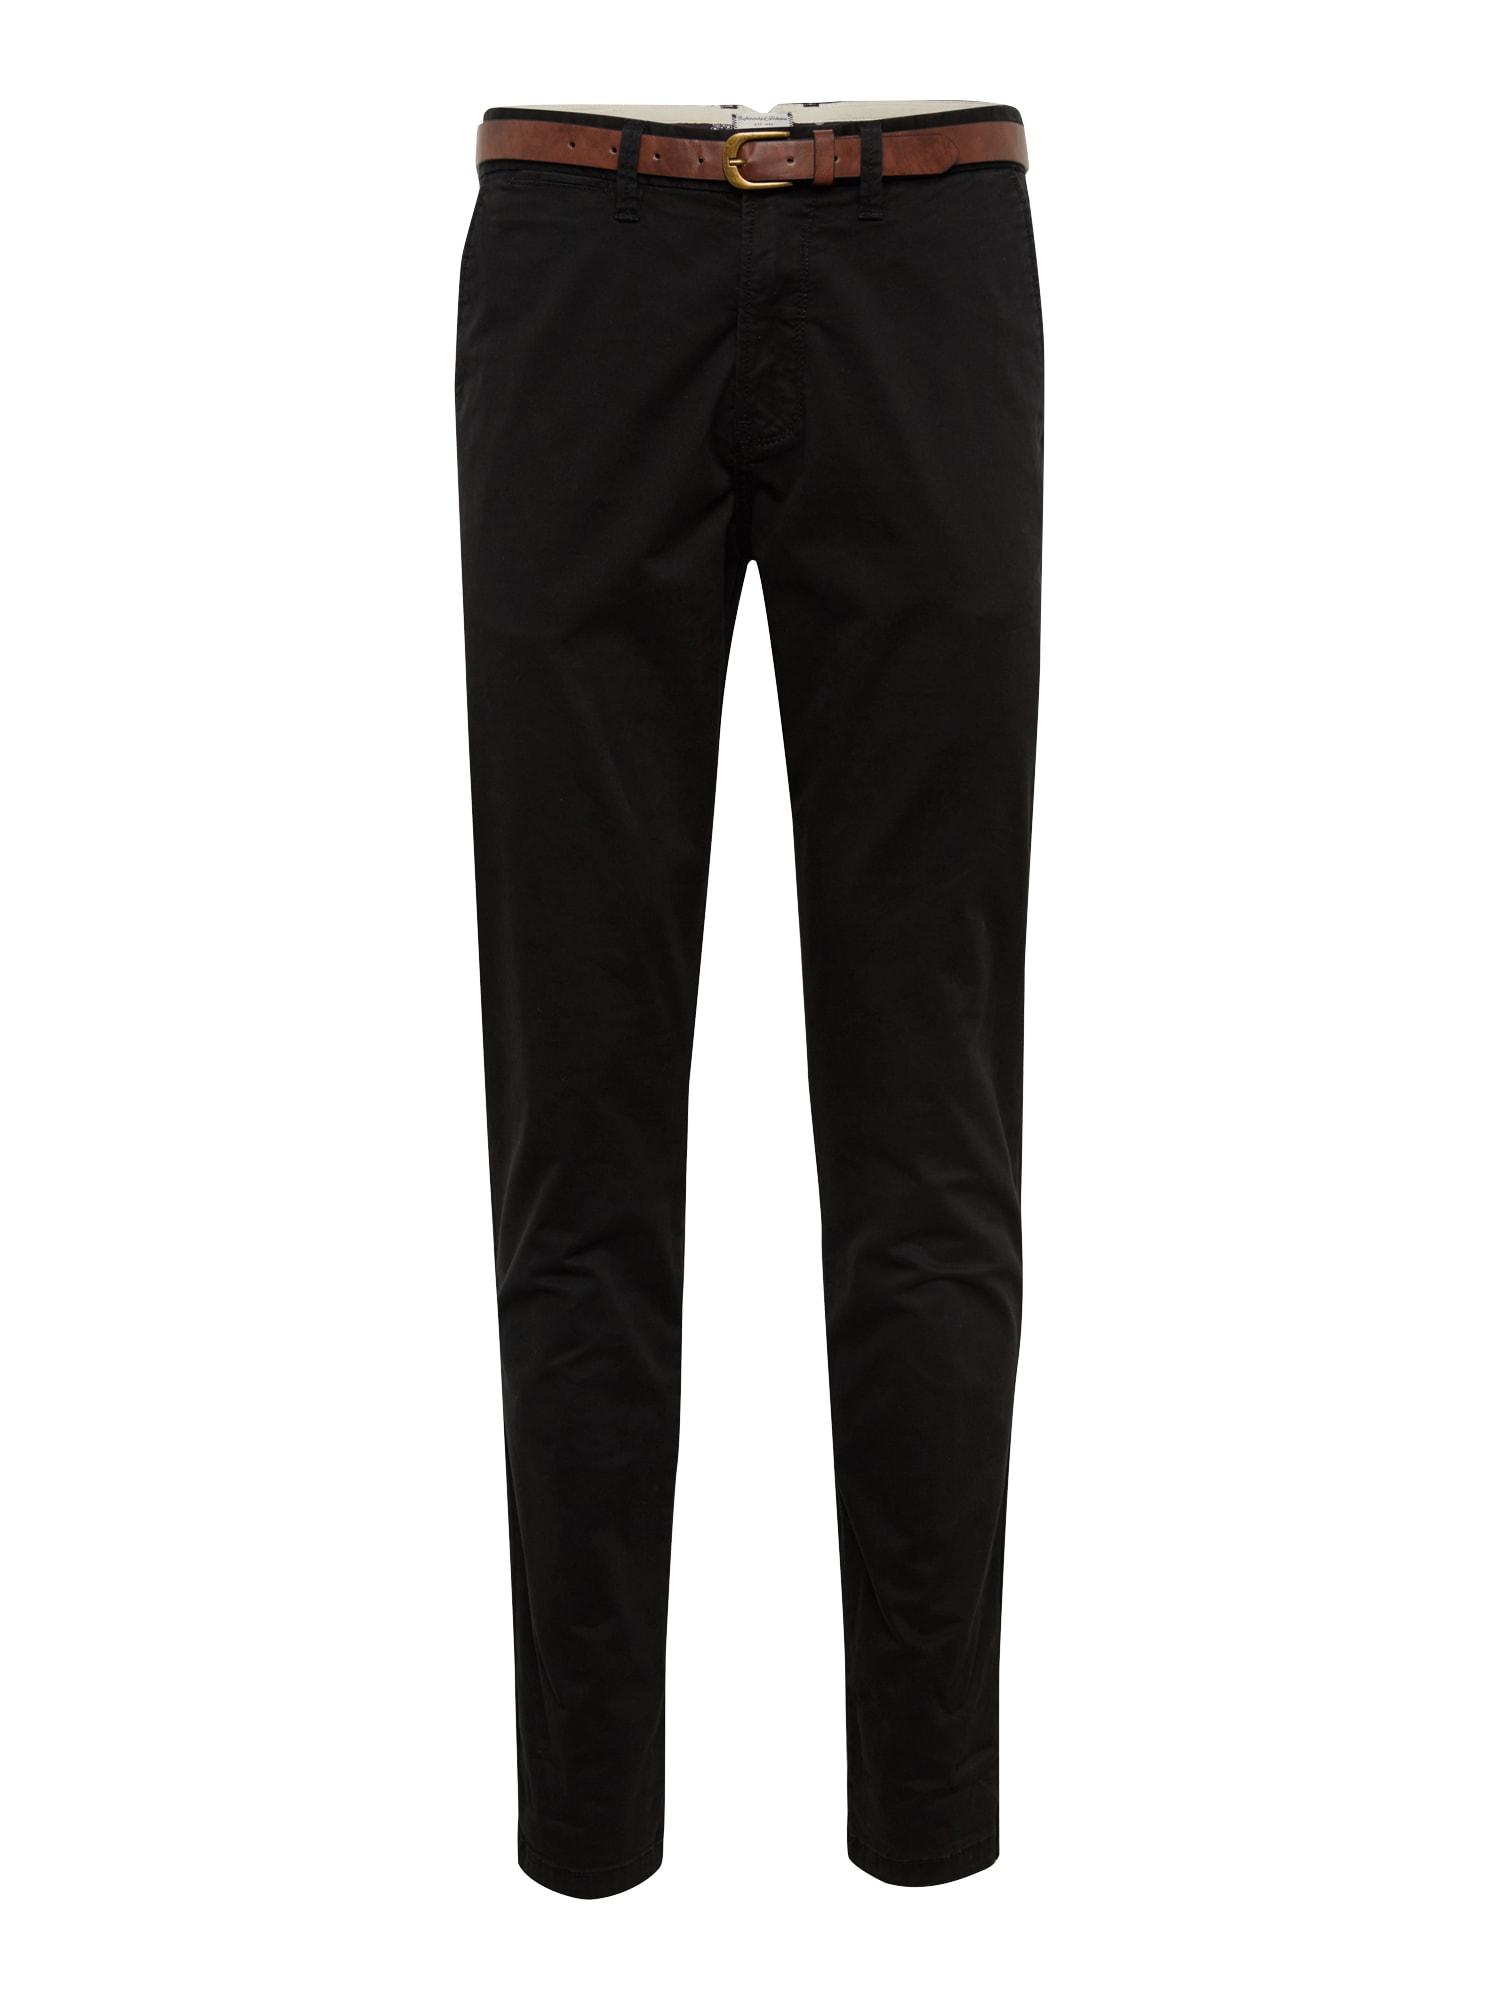 Chino kalhoty CODY JJSPENCER koňaková černá JACK & JONES